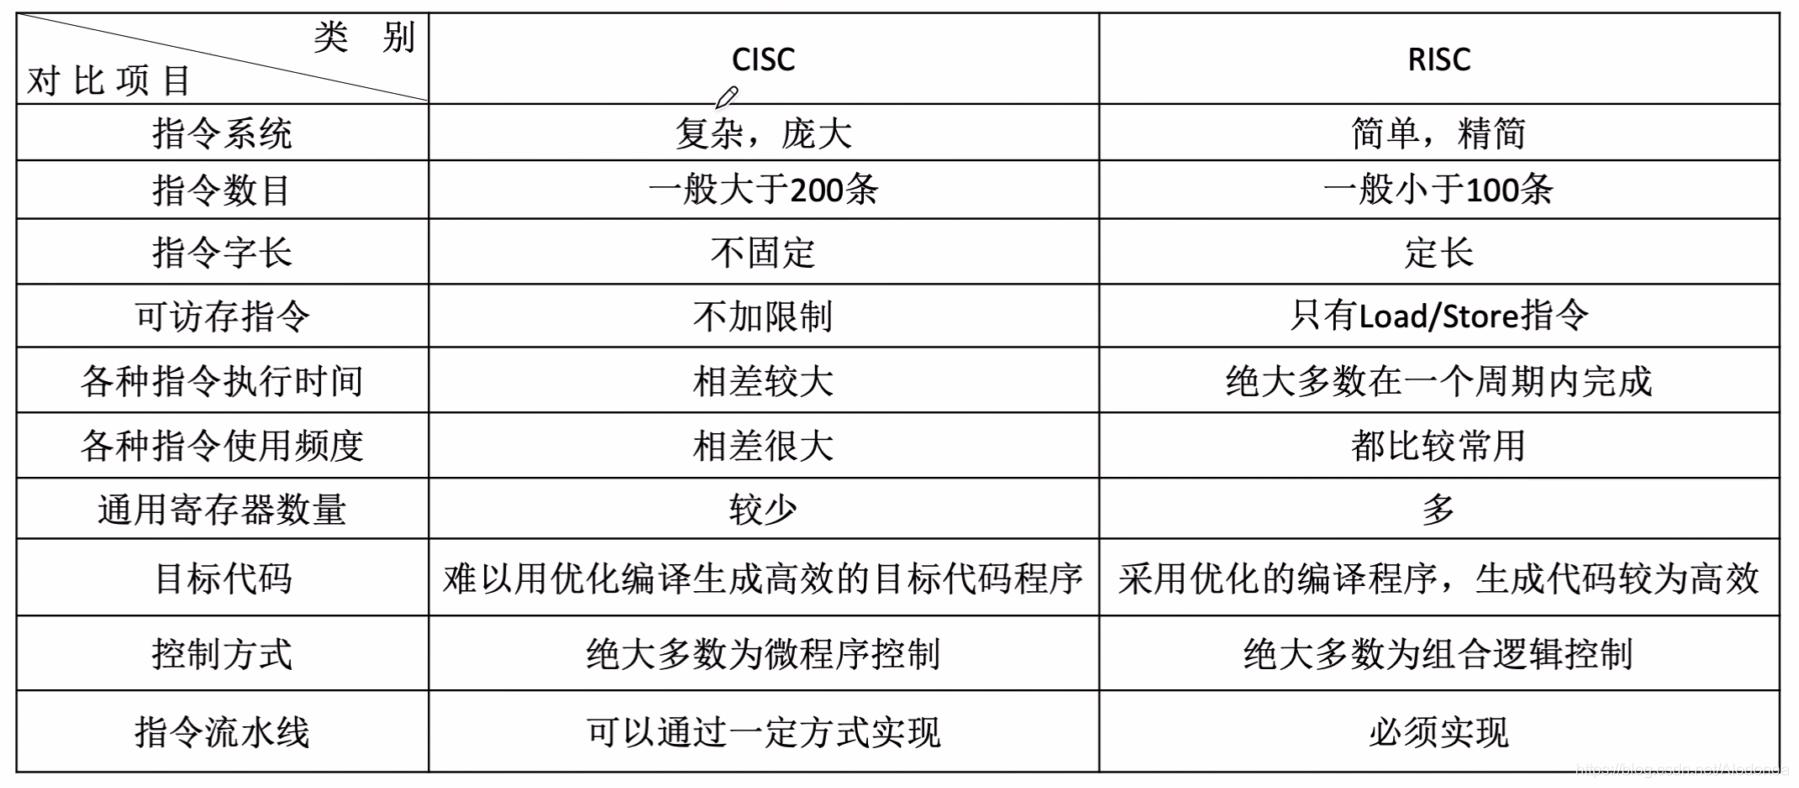 计算机组成原理4.3CISC和RISC的基本概念